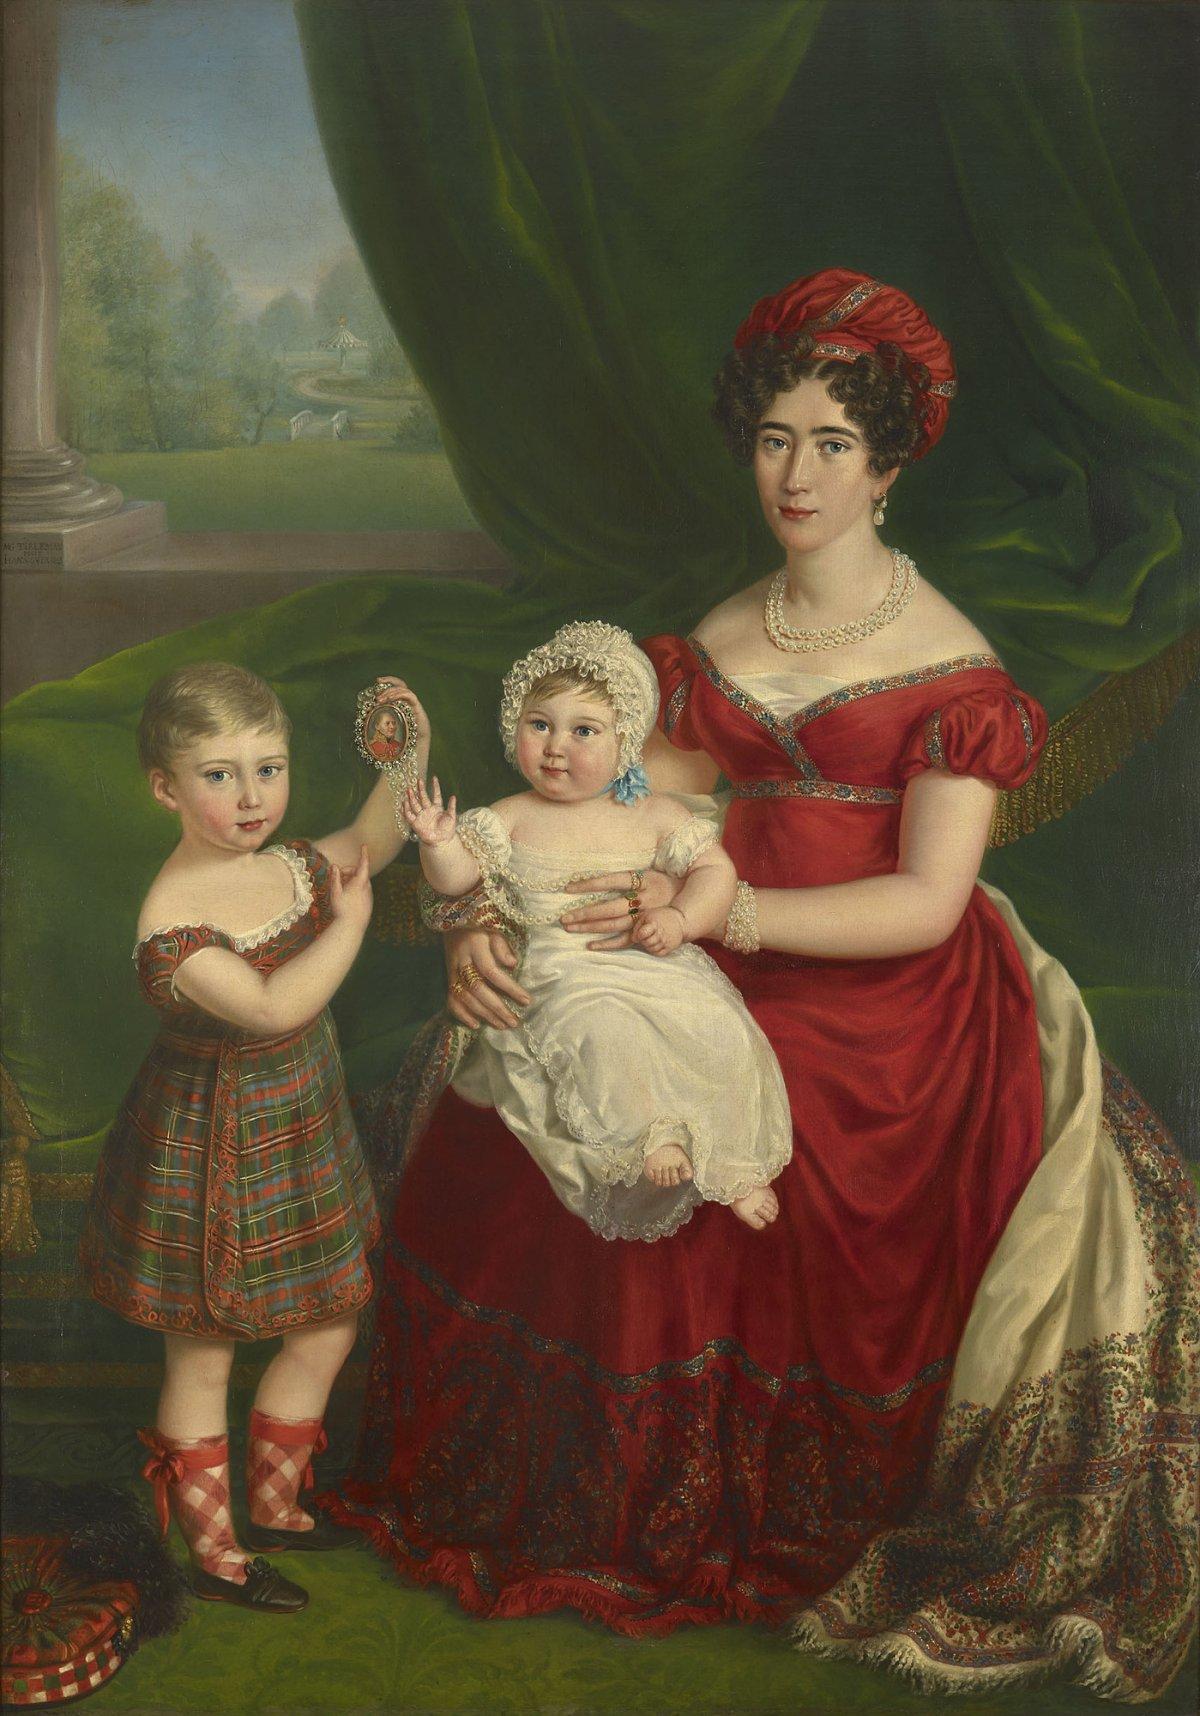 Augusta, Duchess of Cambridge (1797-1889) with her children Prince George (1819-1904) and Princess Augusta of Cambridge (1822-1916)